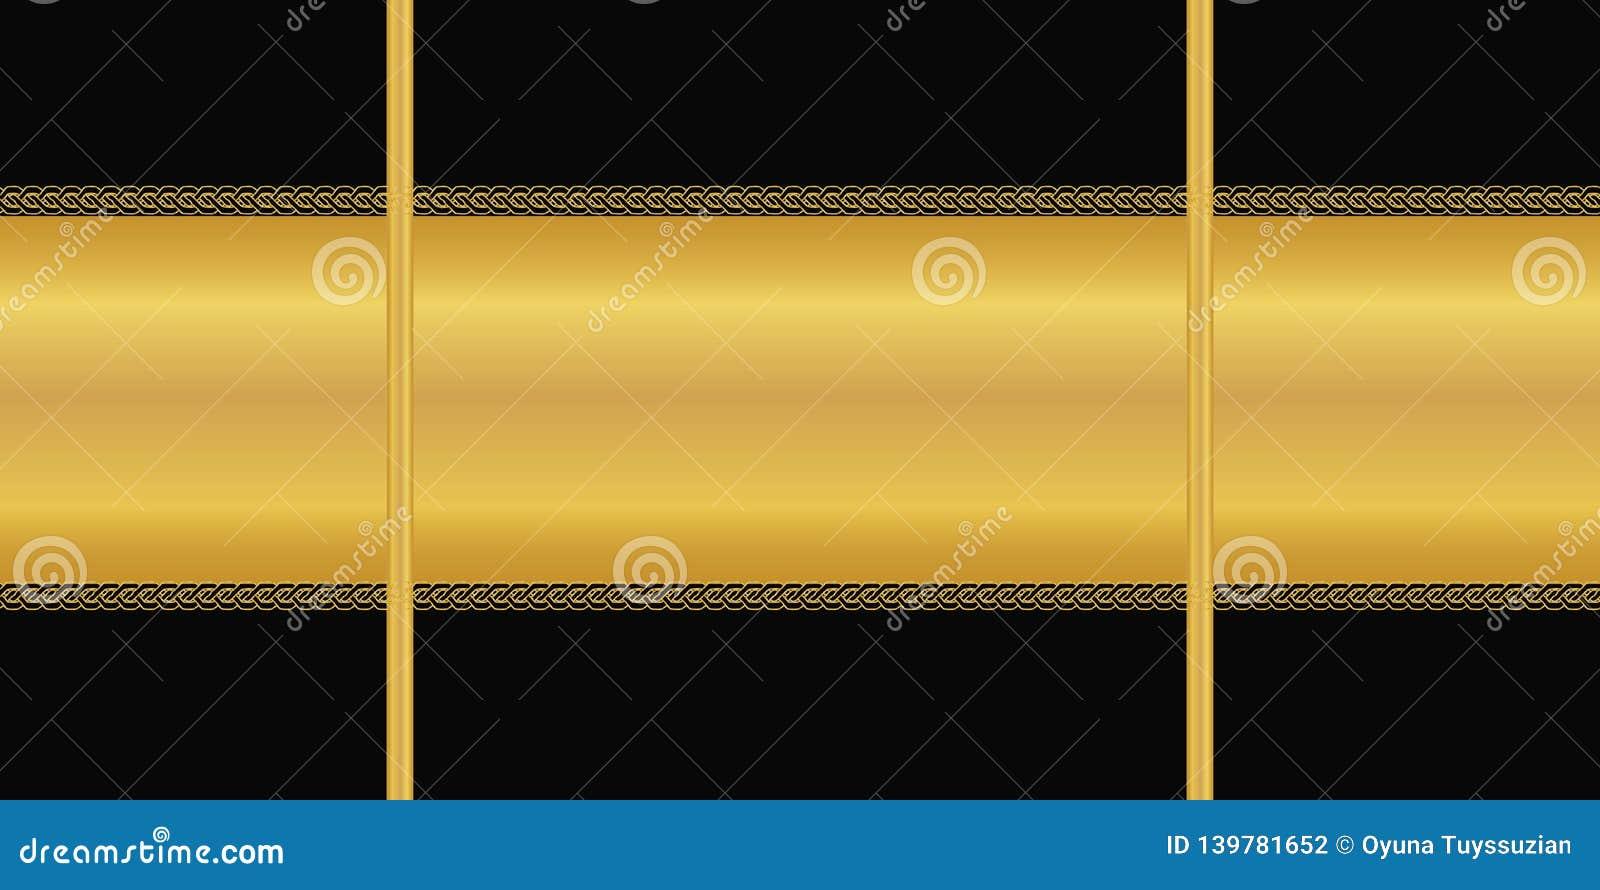 模式无缝的向量 水平的金黄条纹,在黑背景的艺术装饰装饰品 墙纸,包装纸,纺织品印刷品